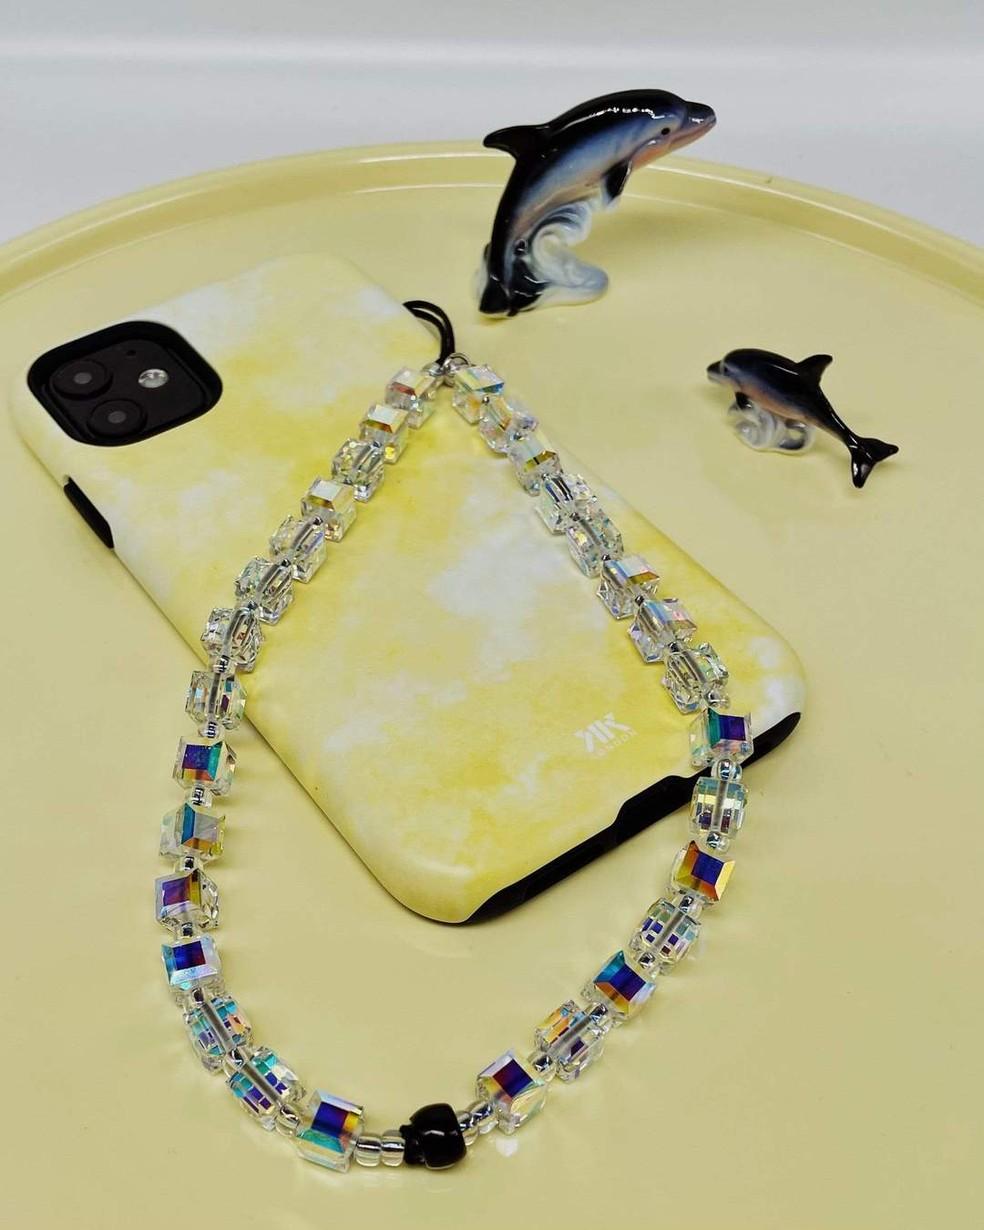 Phone strap de cristais é a opção mais cara do mercado — Foto: Reprodução/String Ting